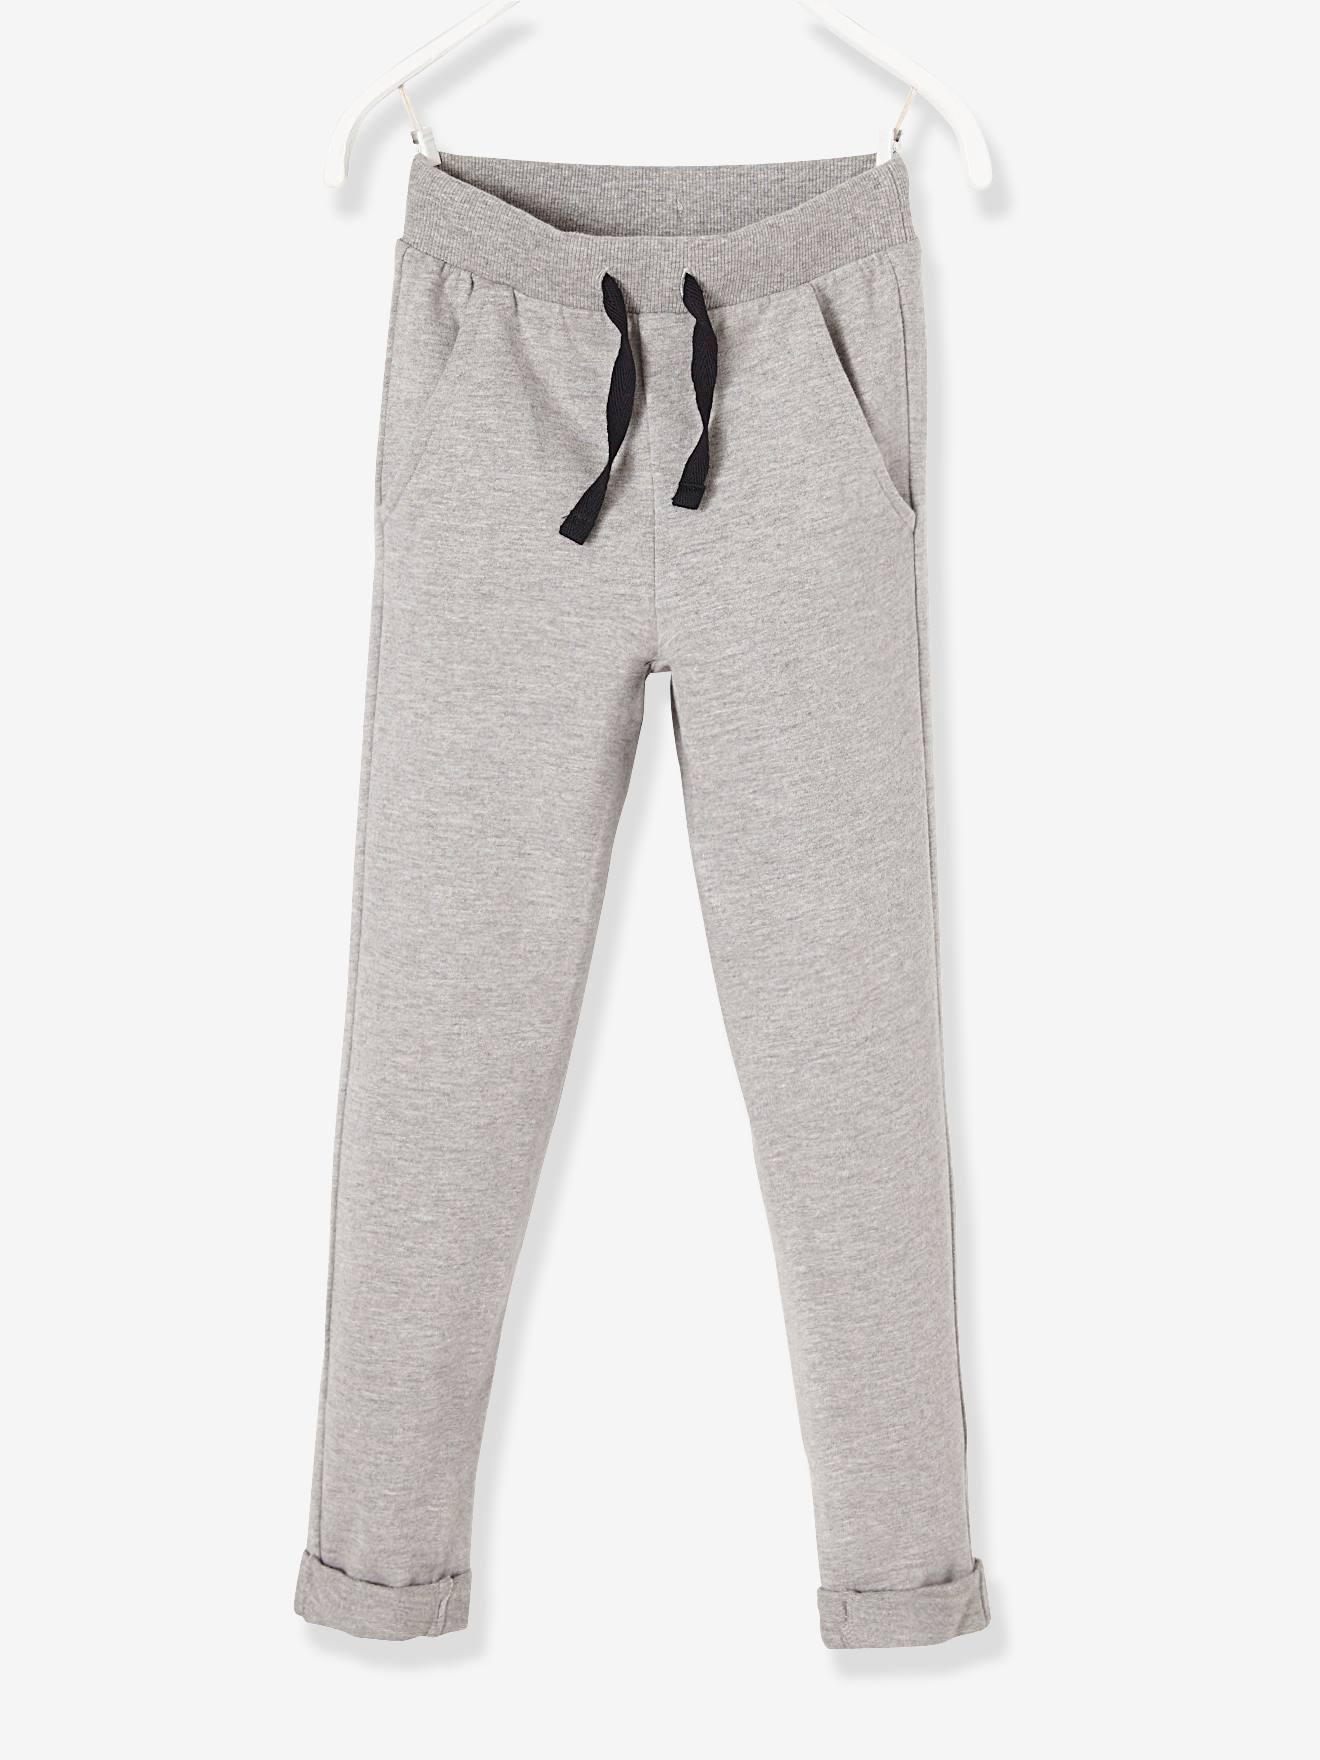 Pantalon garçon en molleton gris chiné -